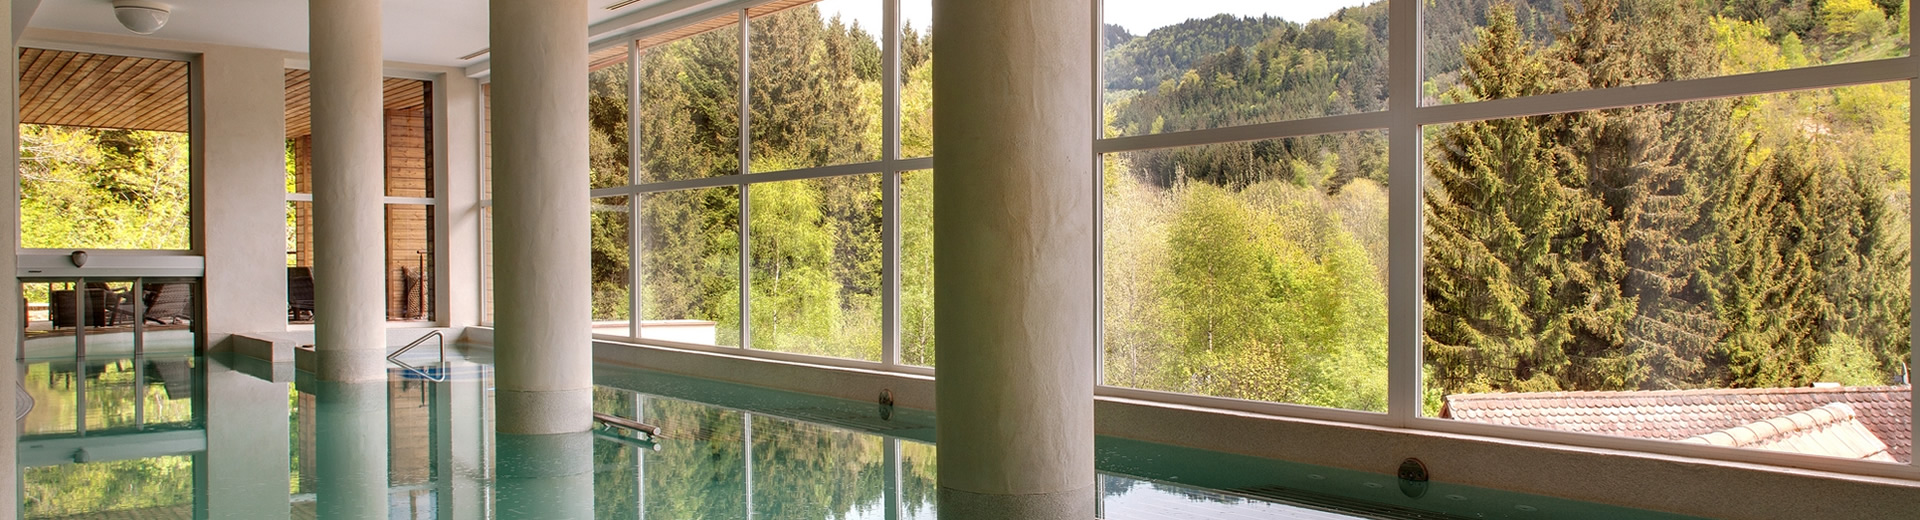 Bassin du Nature Spa de la Cheaneaudiere en Alsace